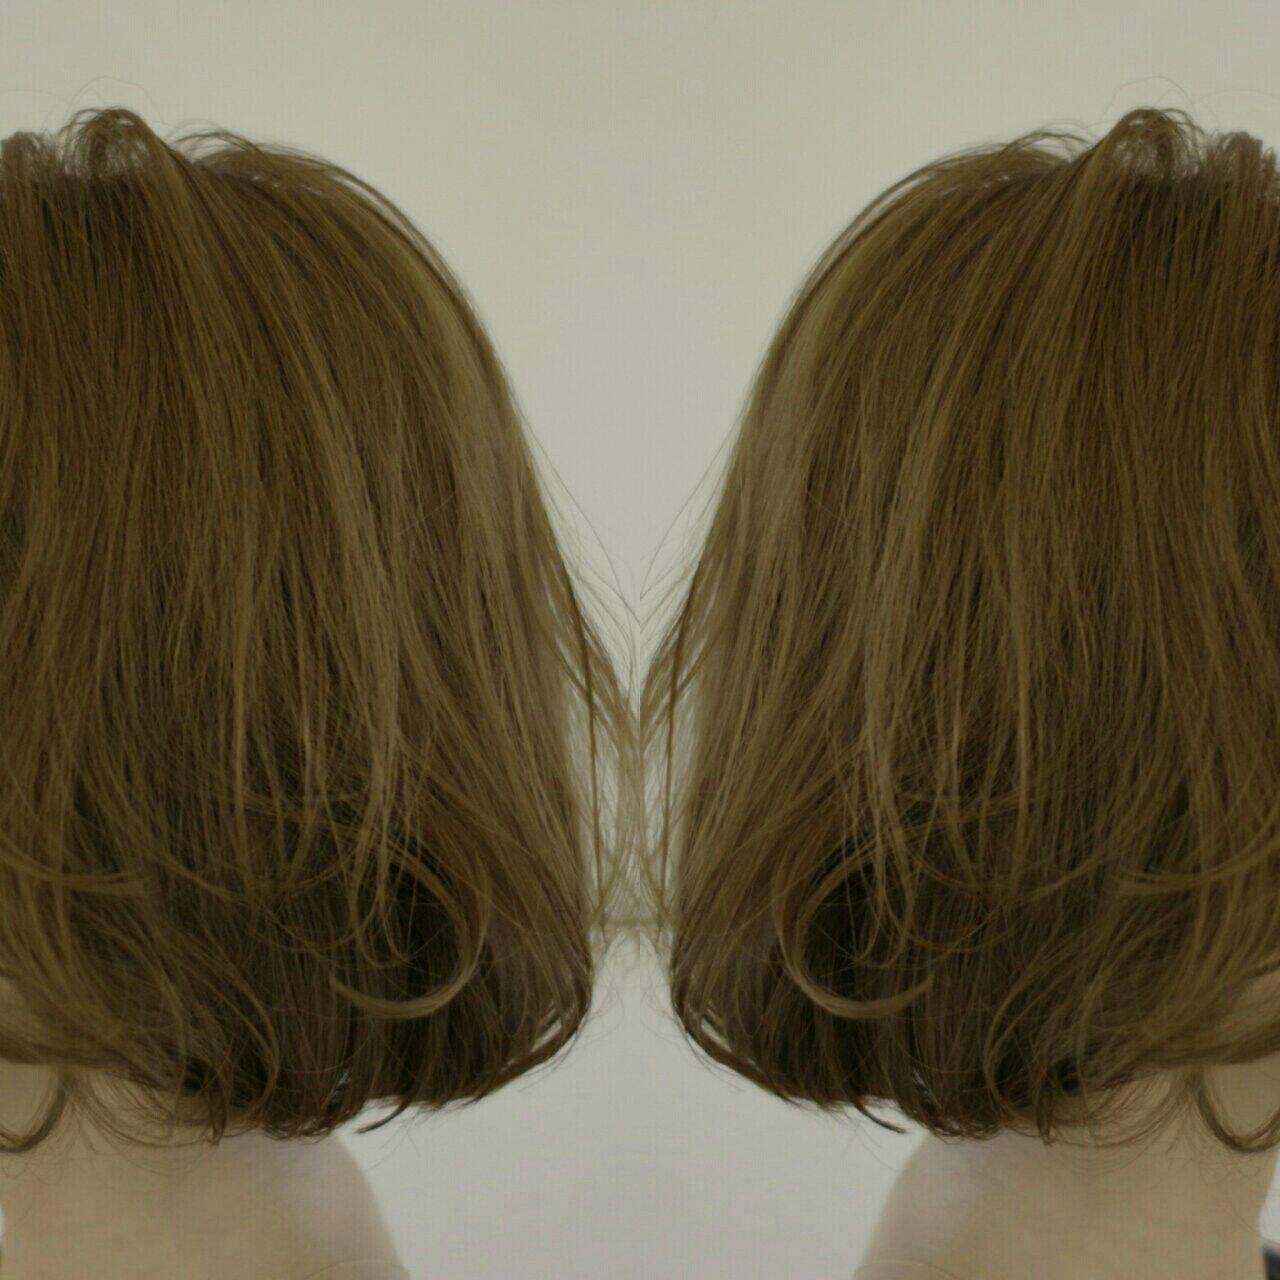 アッシュ ハイライト 切りっぱなし 束感ヘアスタイルや髪型の写真・画像